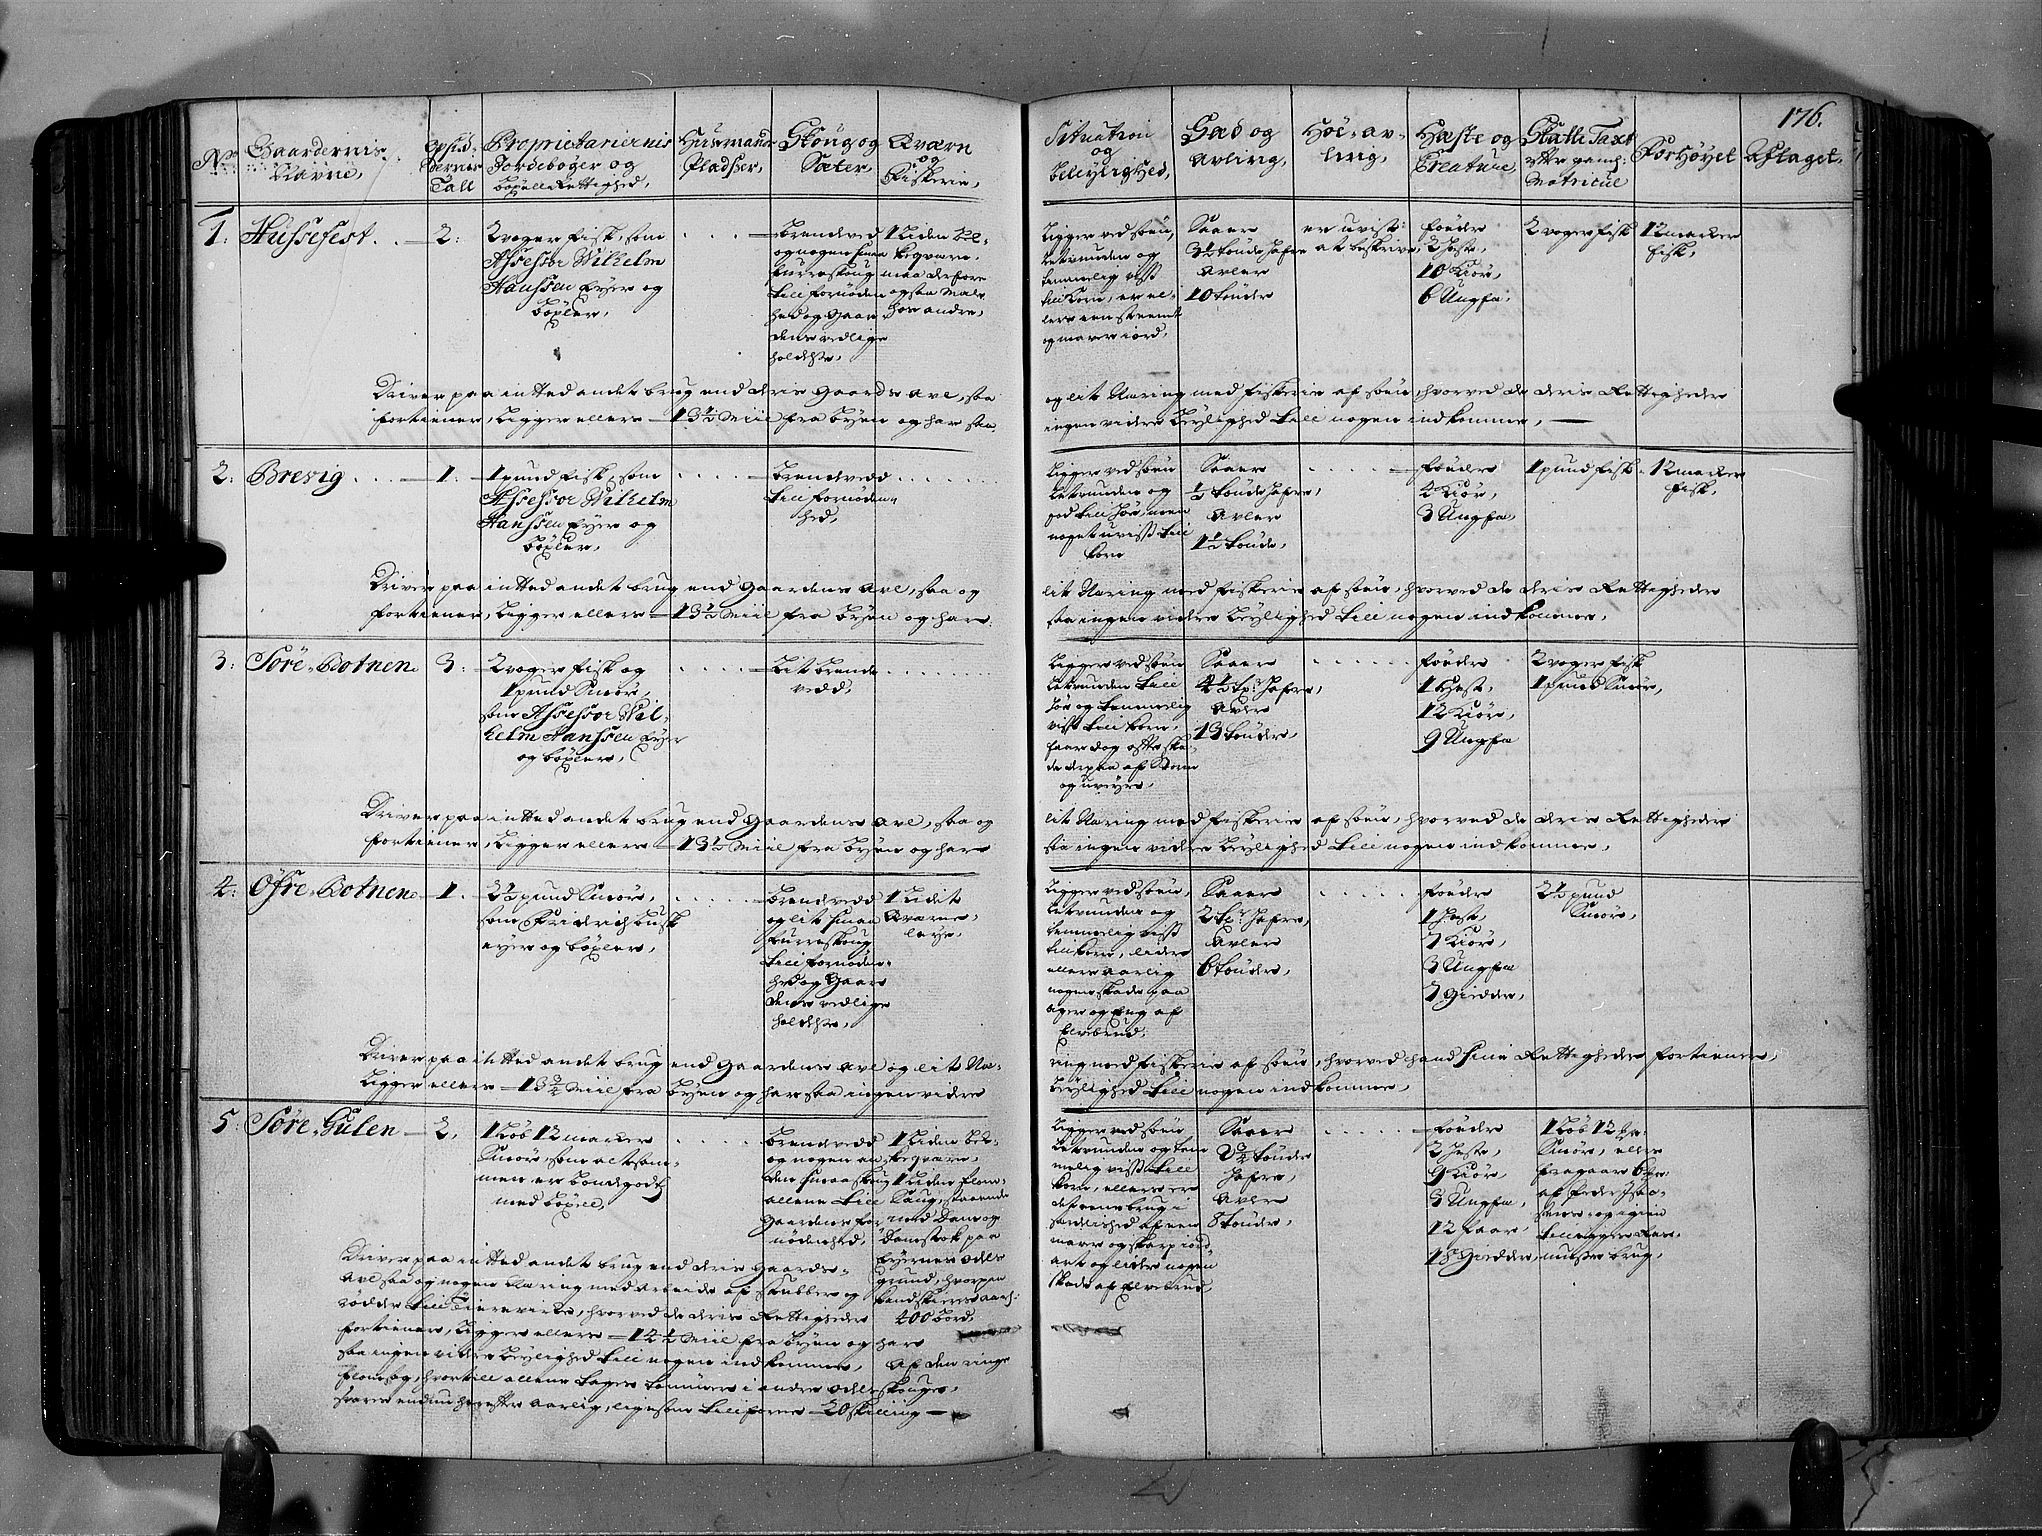 RA, Rentekammeret inntil 1814, Realistisk ordnet avdeling, N/Nb/Nbf/L0146: Sunnfjord og Nordfjord eksaminasjonsprotokoll, 1723, s. 175b-176a